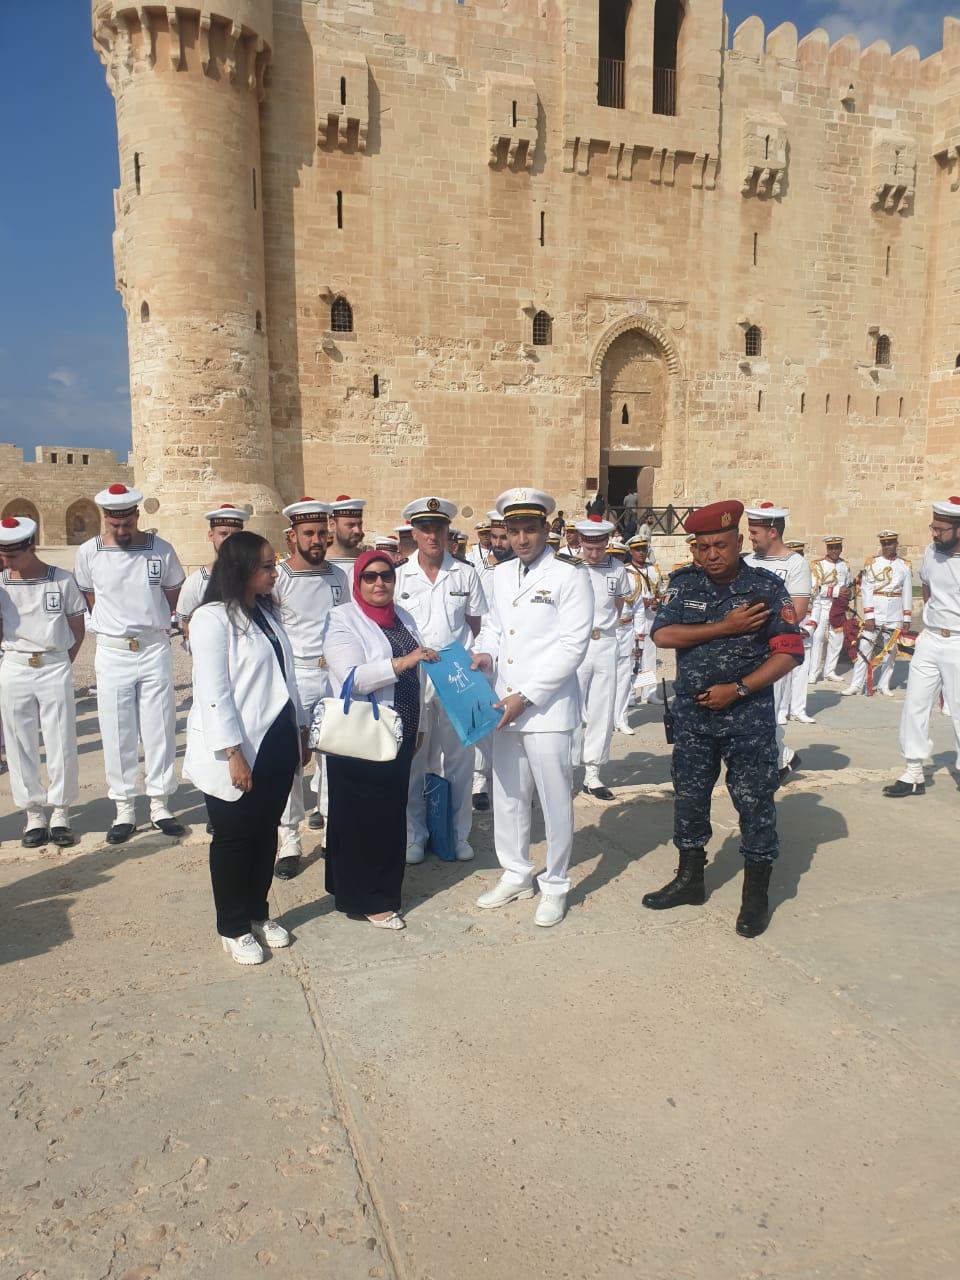 فرقة الموسيقى التراثية للبحرية الفرنسية بقلعة قايتباى (1)